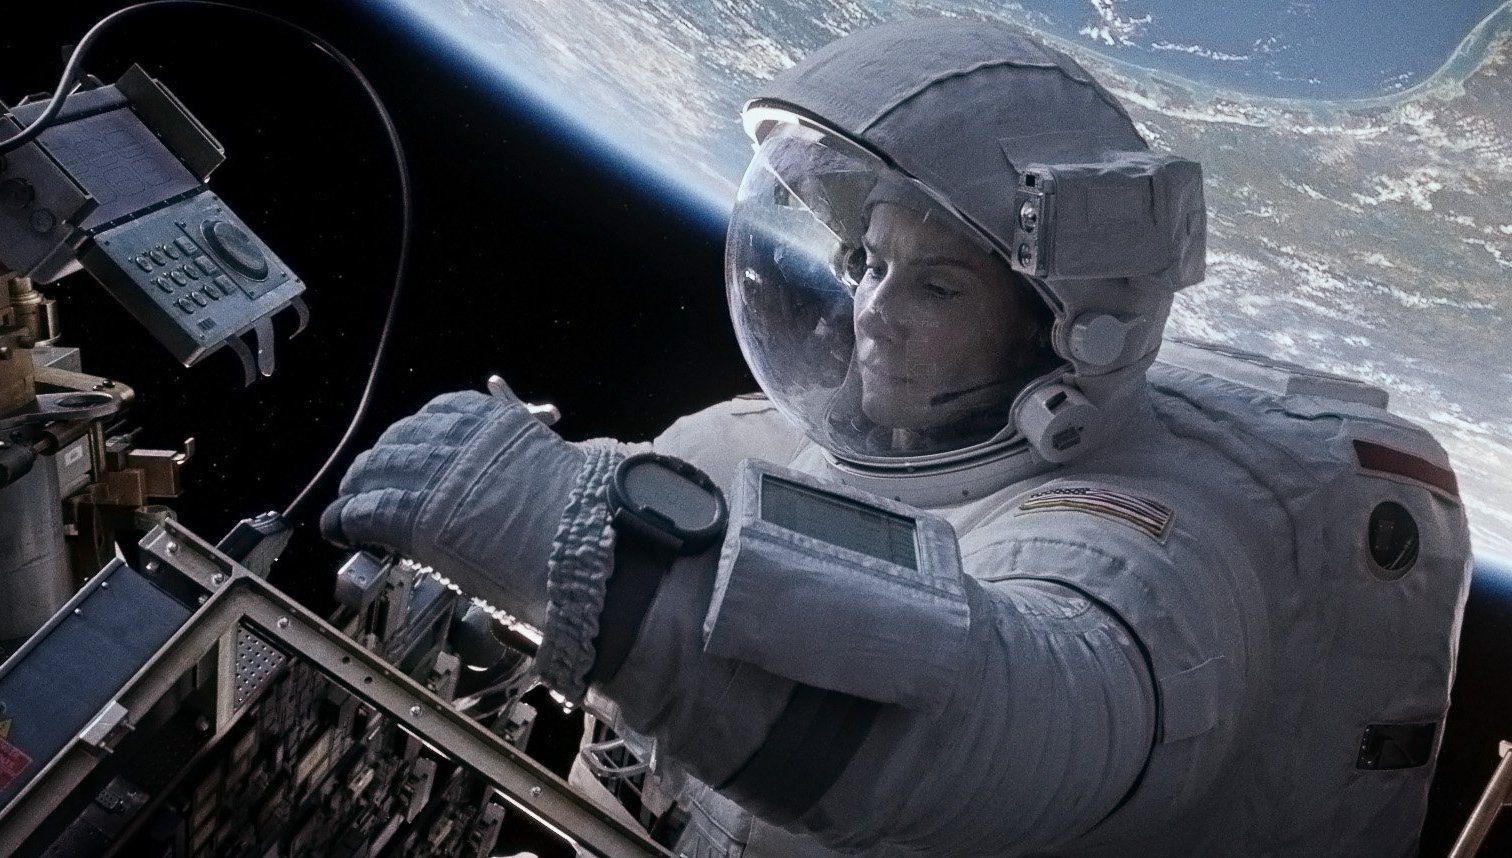 Montres de cosmonaute (vues dans le film Gravity) 1245134d1381261304-digital-wristwatch-movie-gravity-gravity-movie-wallpaper-9